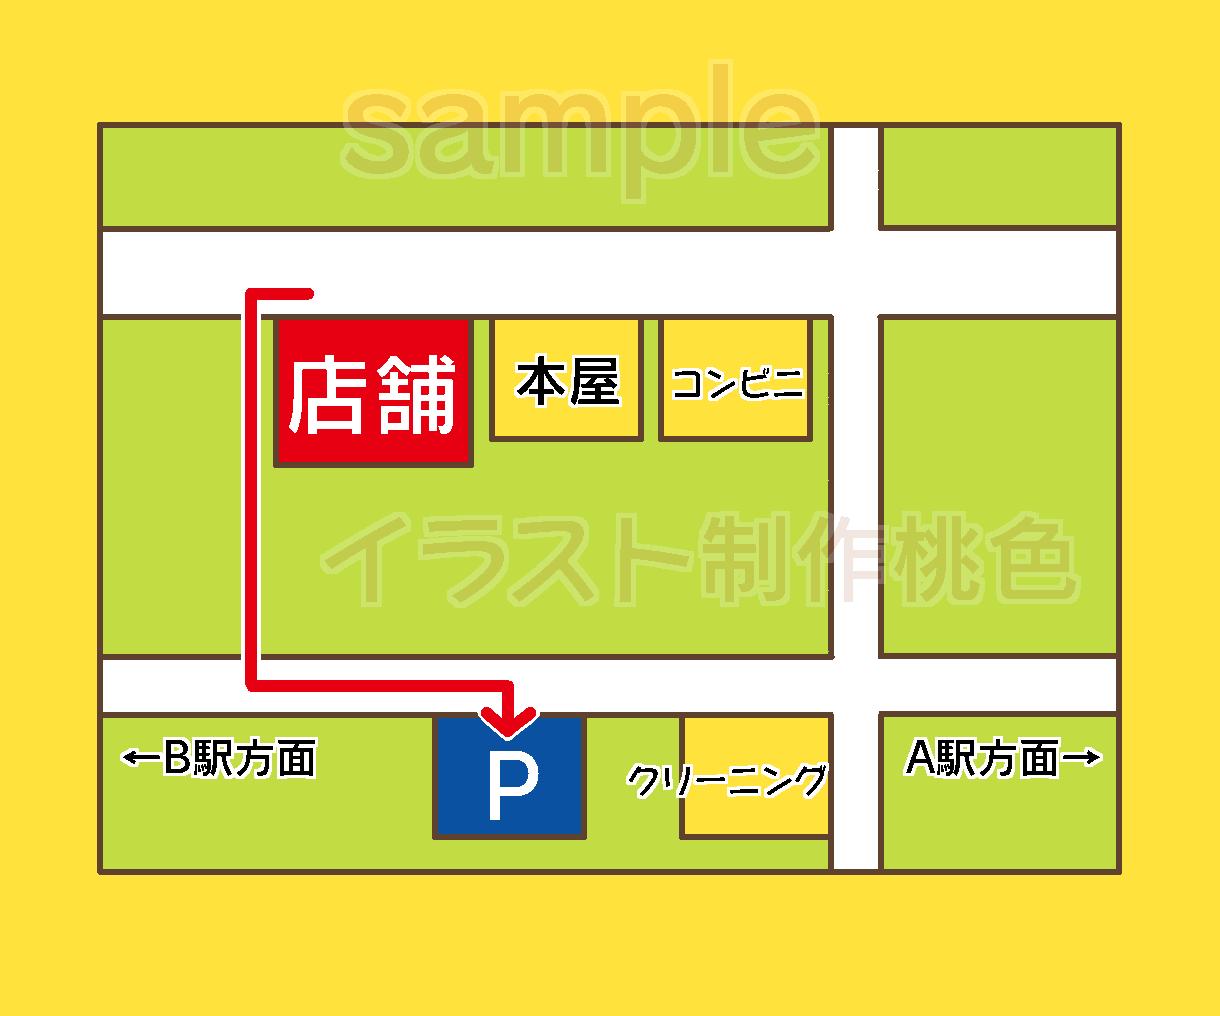 シンプルな地図作成します シンプルな地図での案内をしたい時に イメージ1